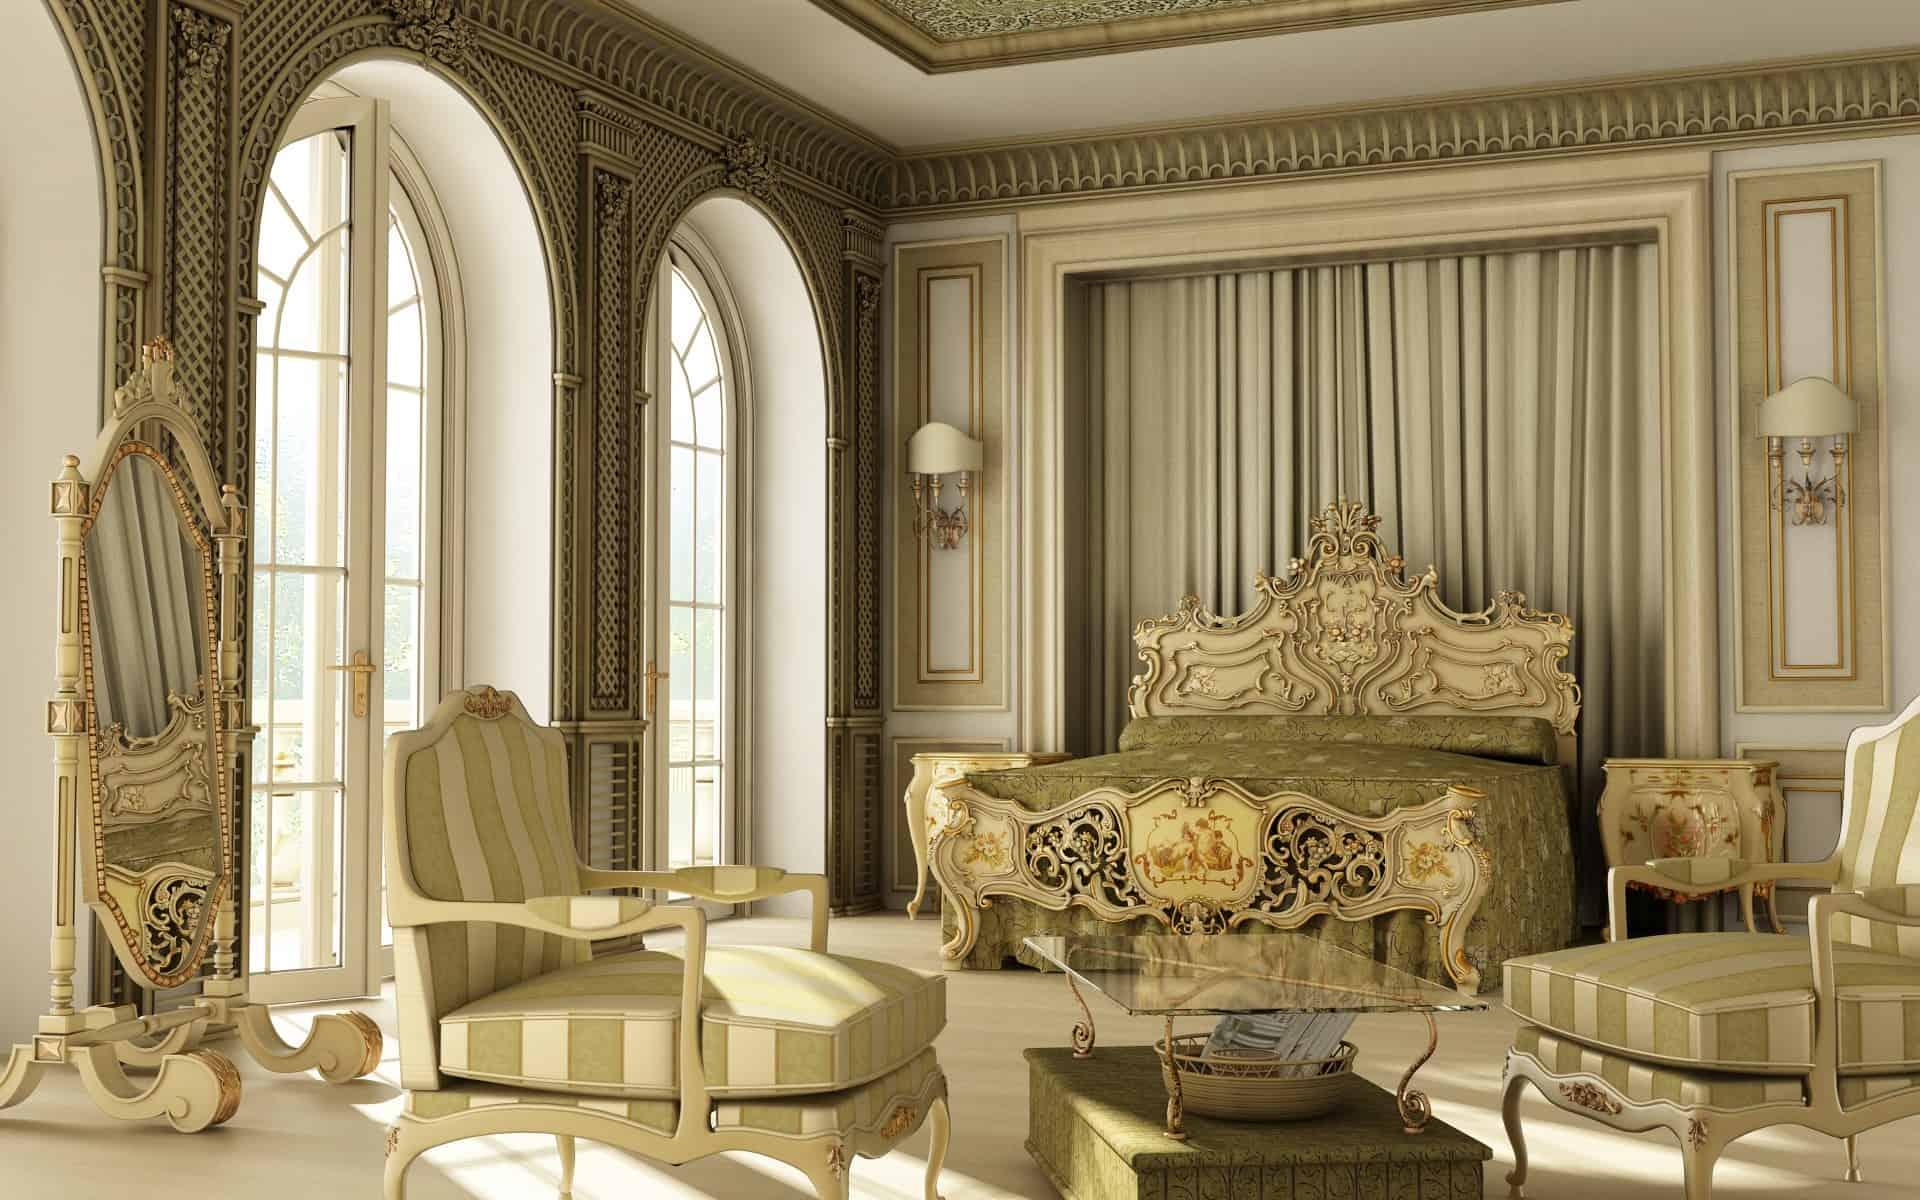 Tìm hiểu phong cách thiết kế nội thất cổ điển